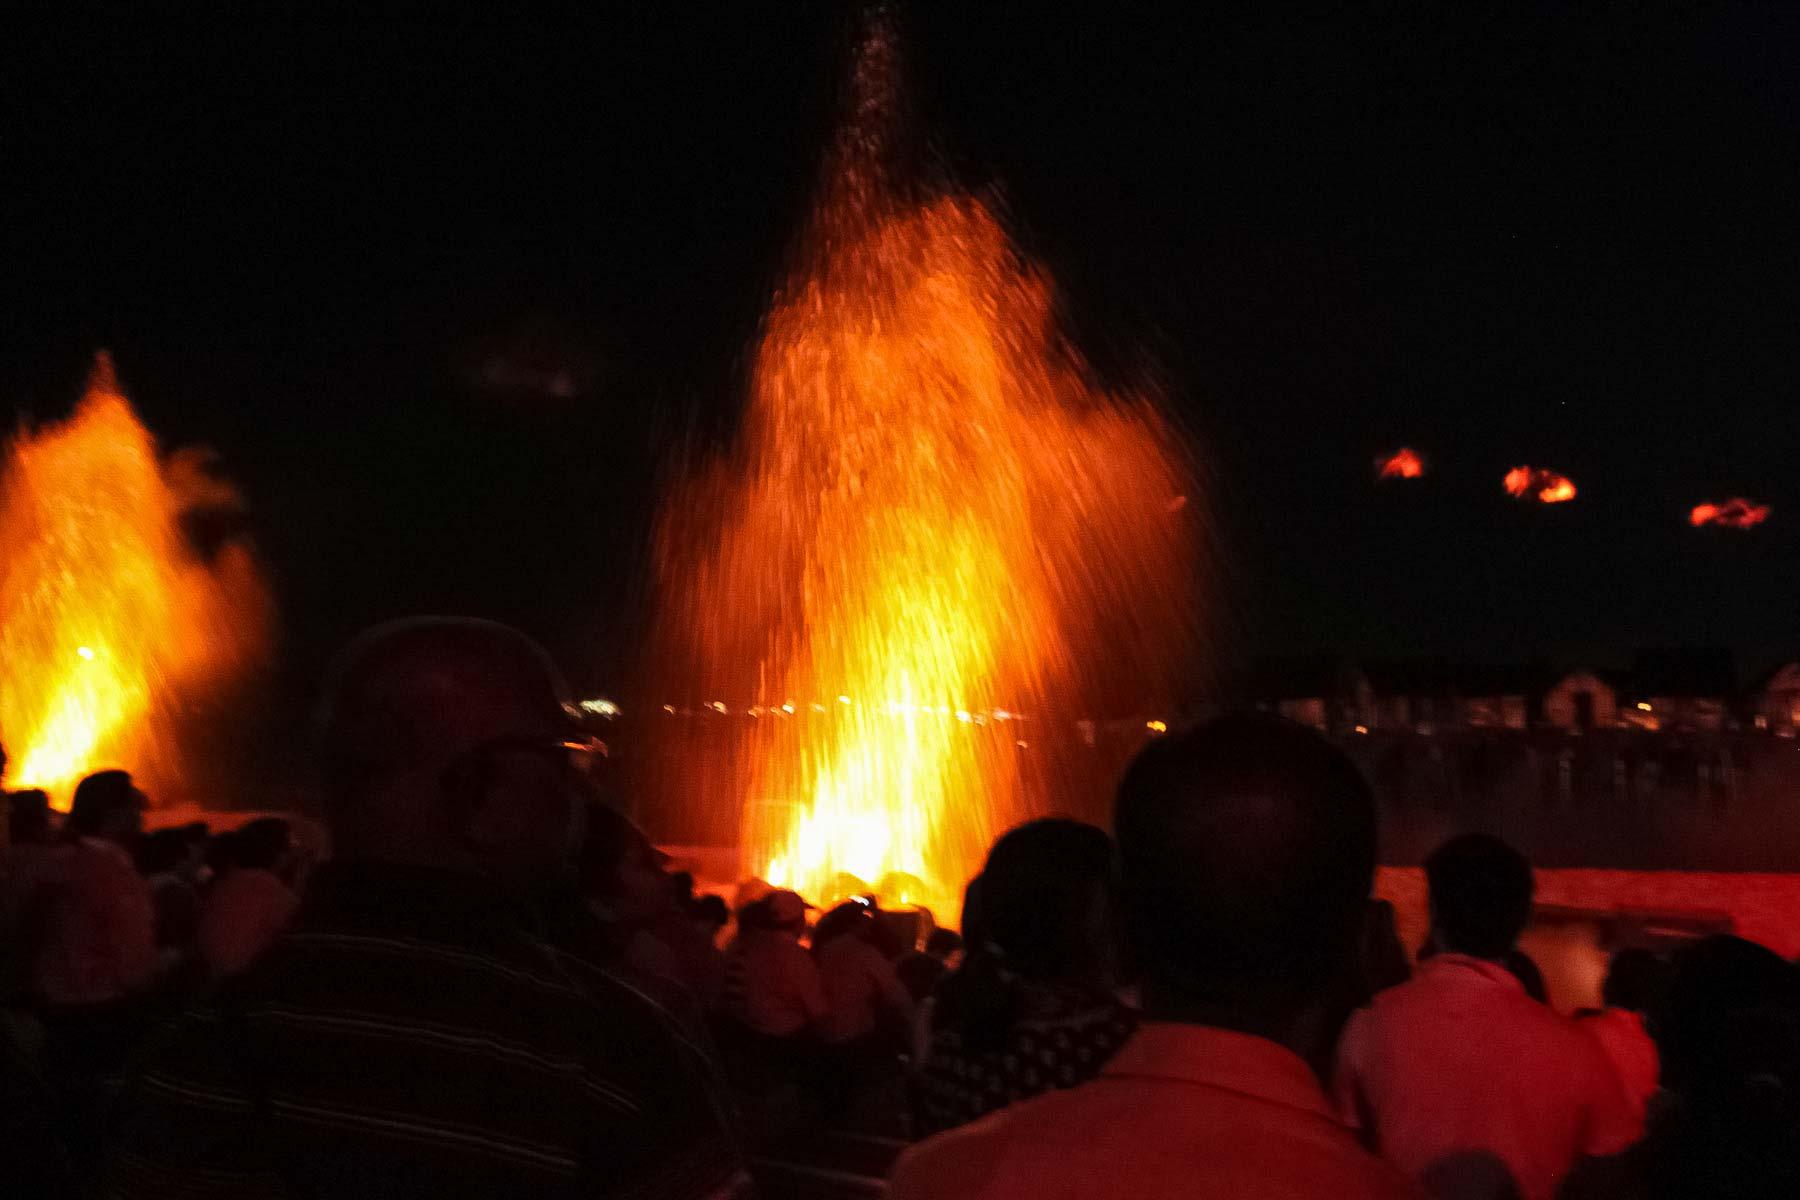 Огонь лазерного шоу на Сентозе рядом с нами